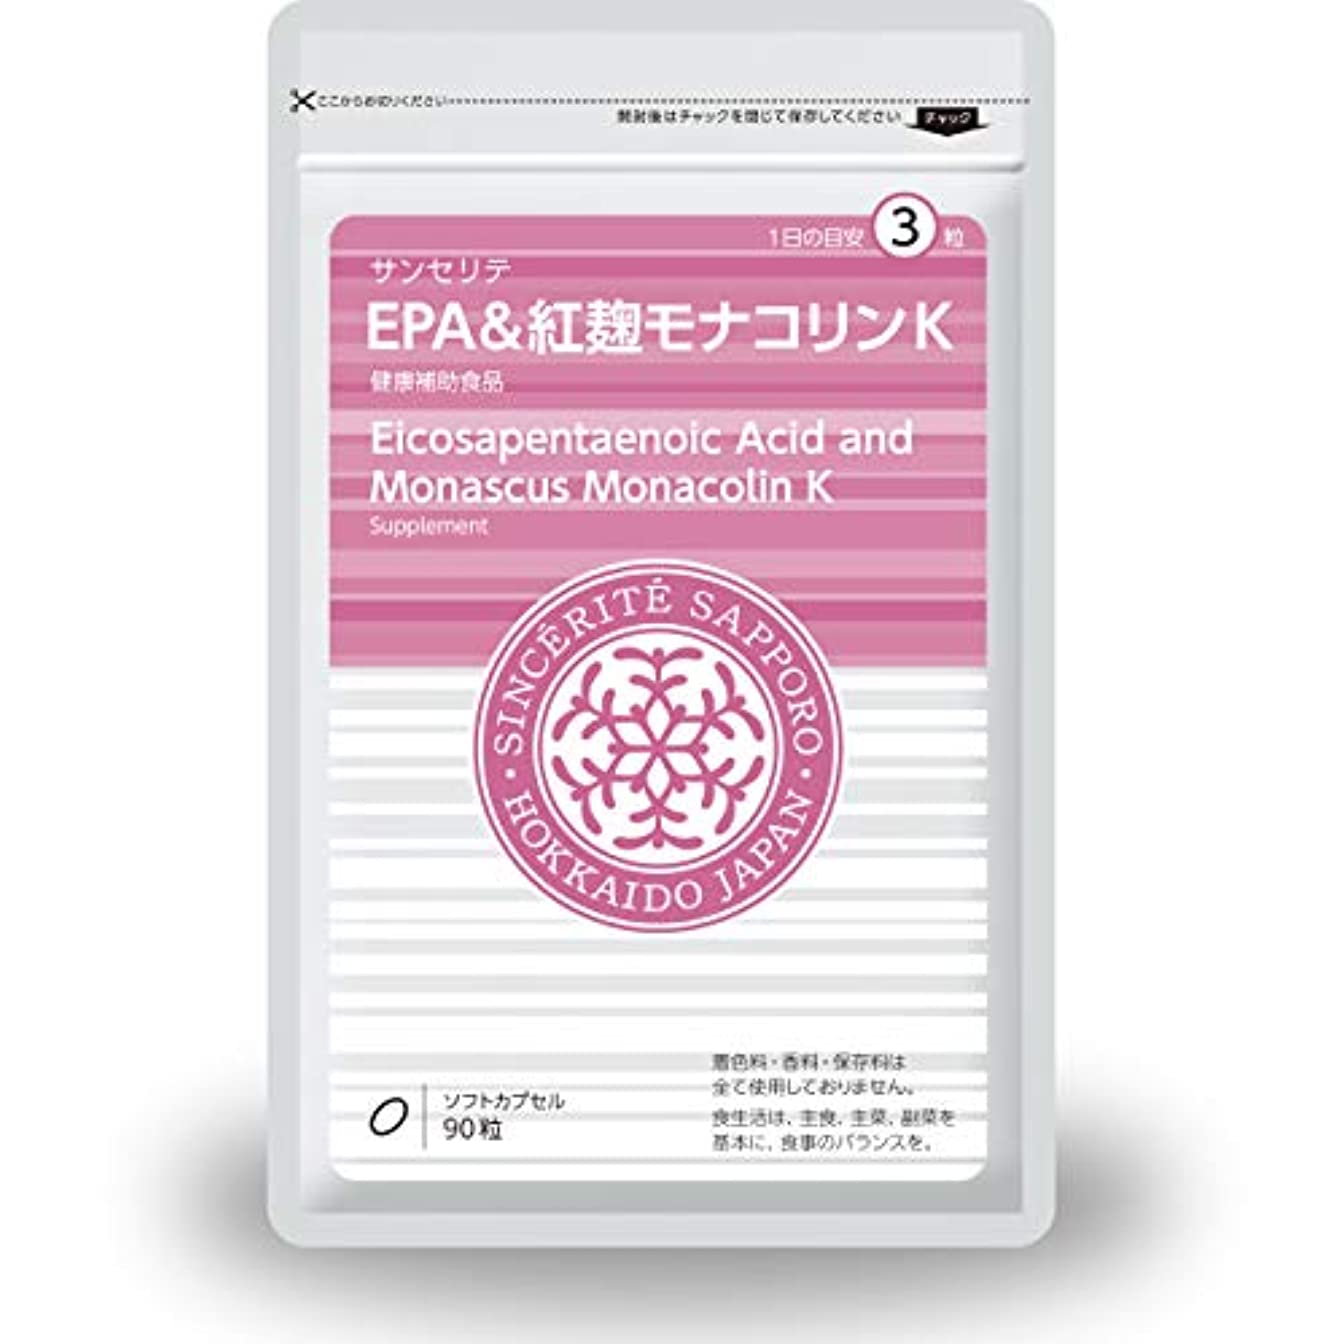 輝度統合要求するEPA&紅麹モナコリンK [EPA]200mg配合[国内製造]しっかり30日分